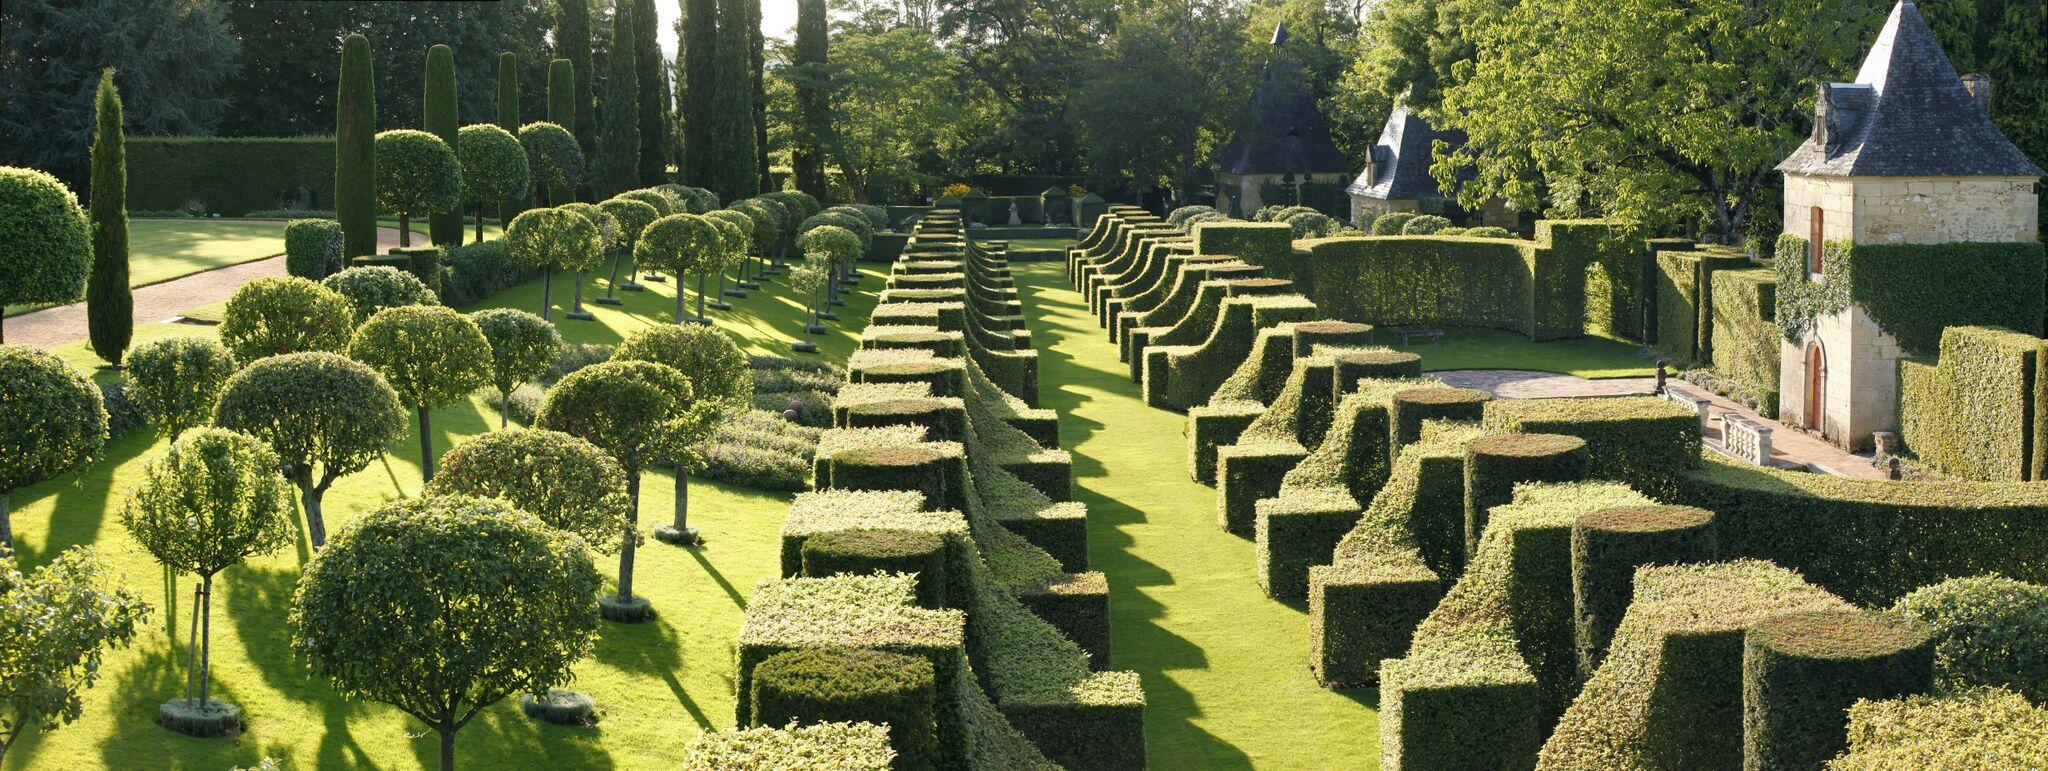 L 39 evasion des sens - Les plus beaux jardins de france ...